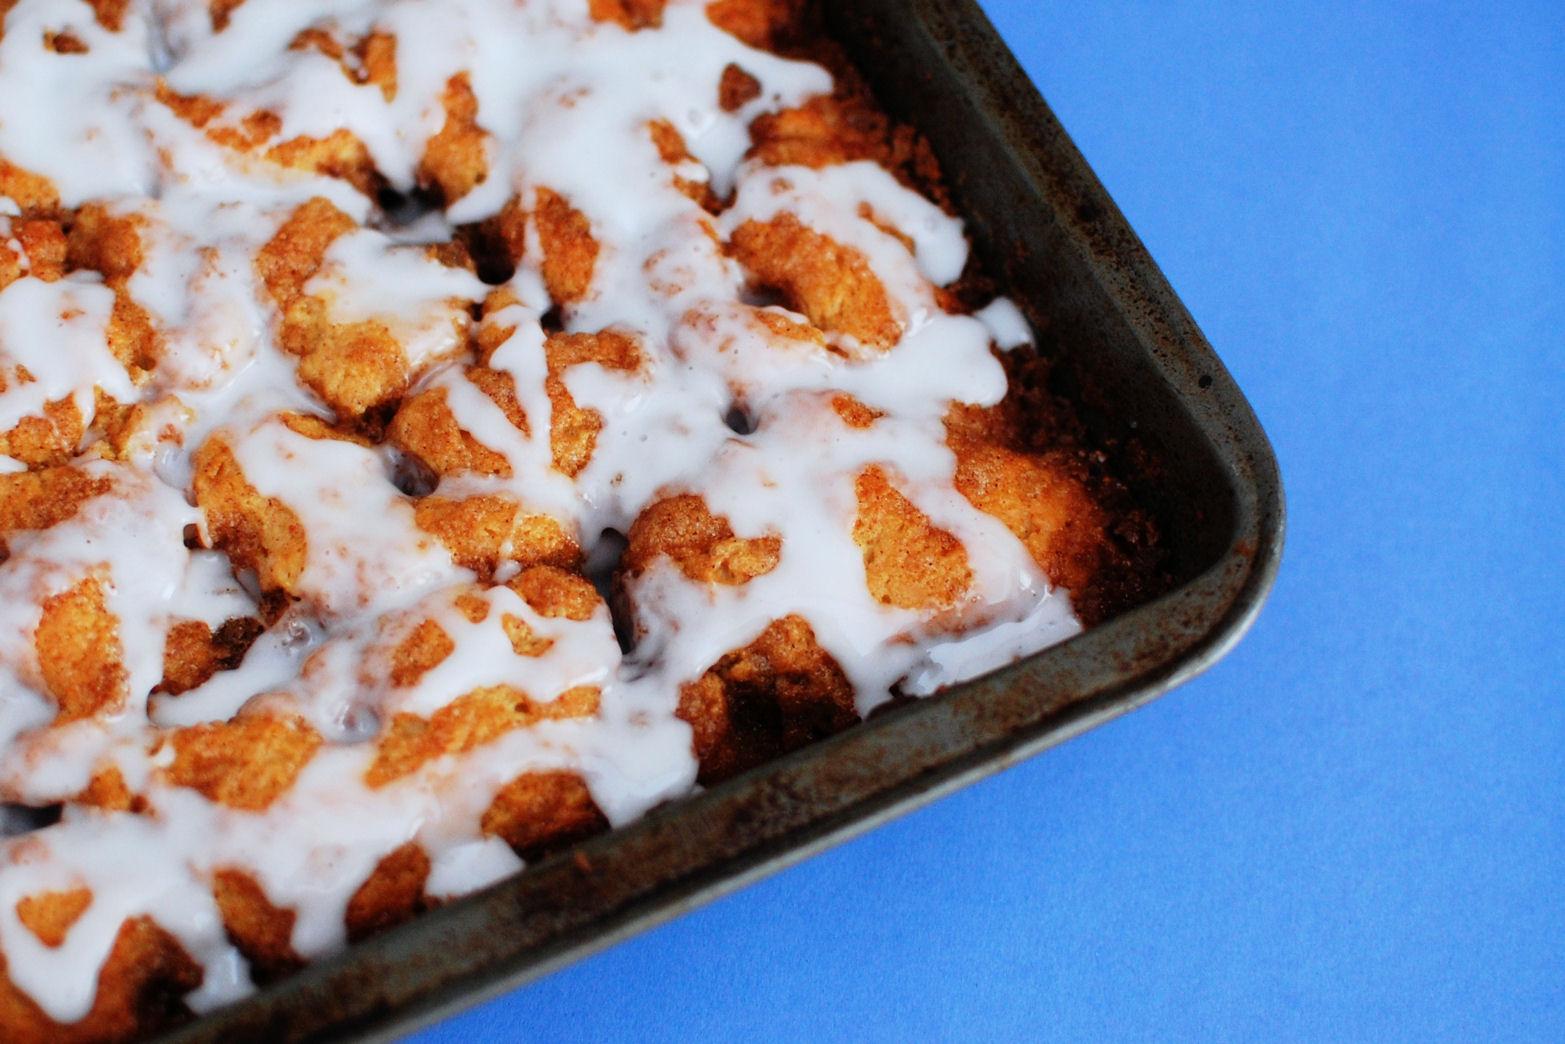 Cinnamon Roll Bread | Beantown Baker